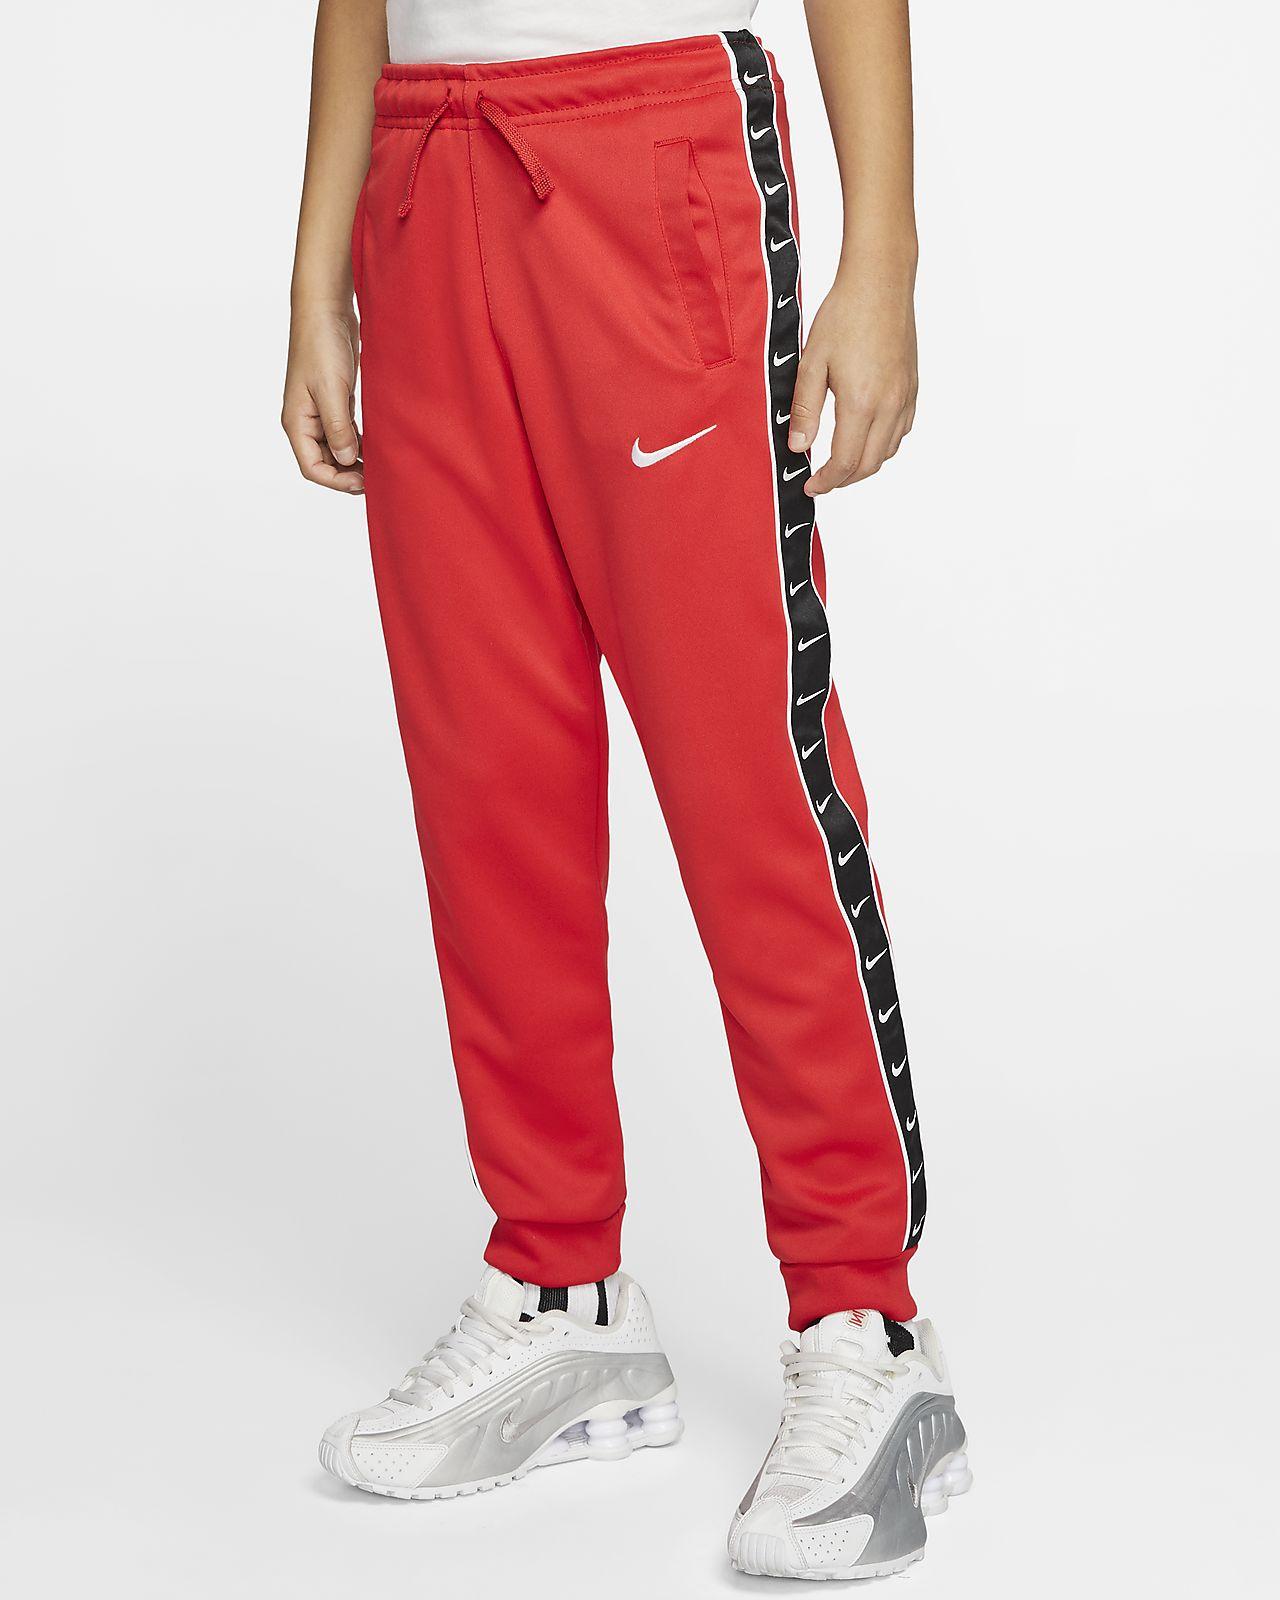 Nike Sportswear Swoosh Joggers - Nen/a